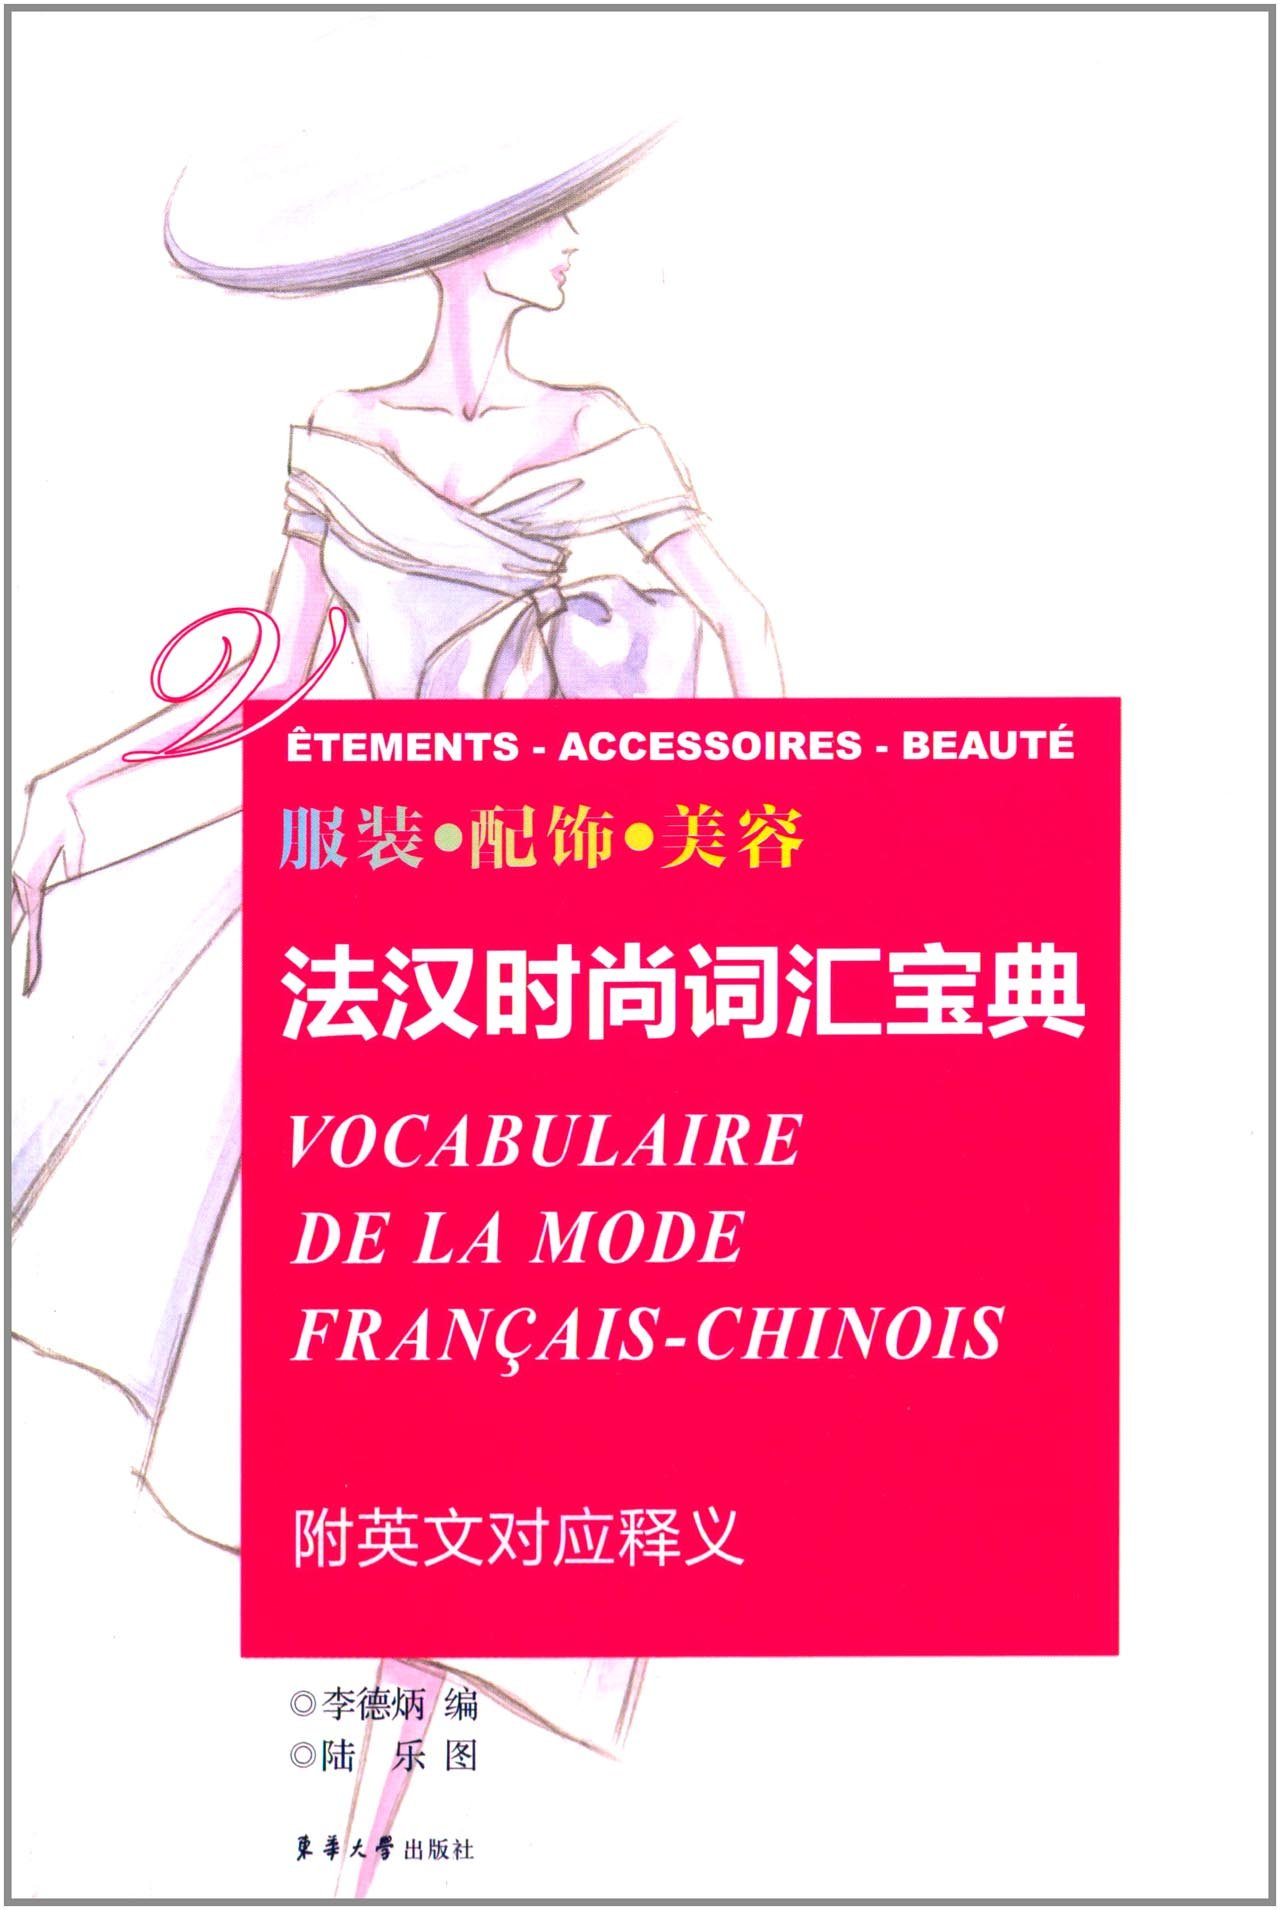 ドレッシング記事+アクセサリー記事(全2巻セット)